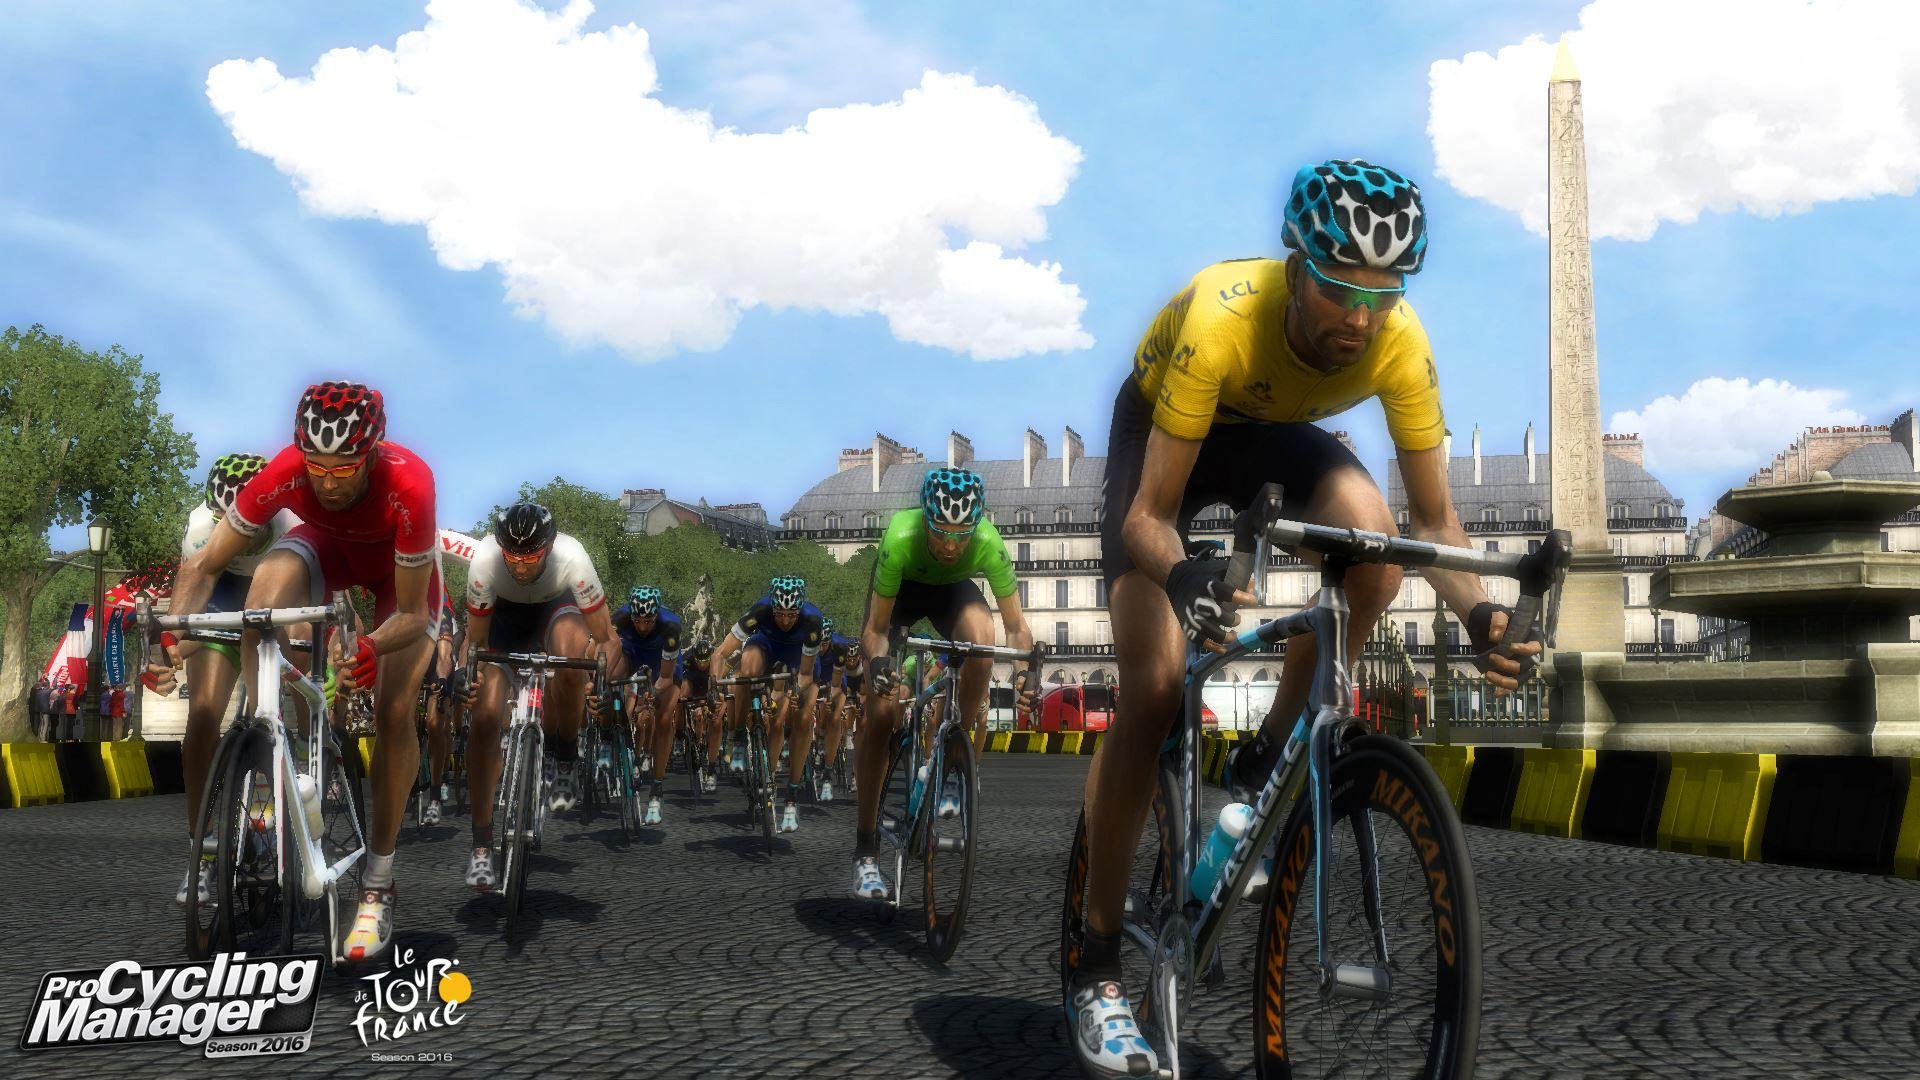 Tour de France 2016: Radsport-Manager mit vielen Multiplayer-Features – Schwingt Euch aufs Rad!